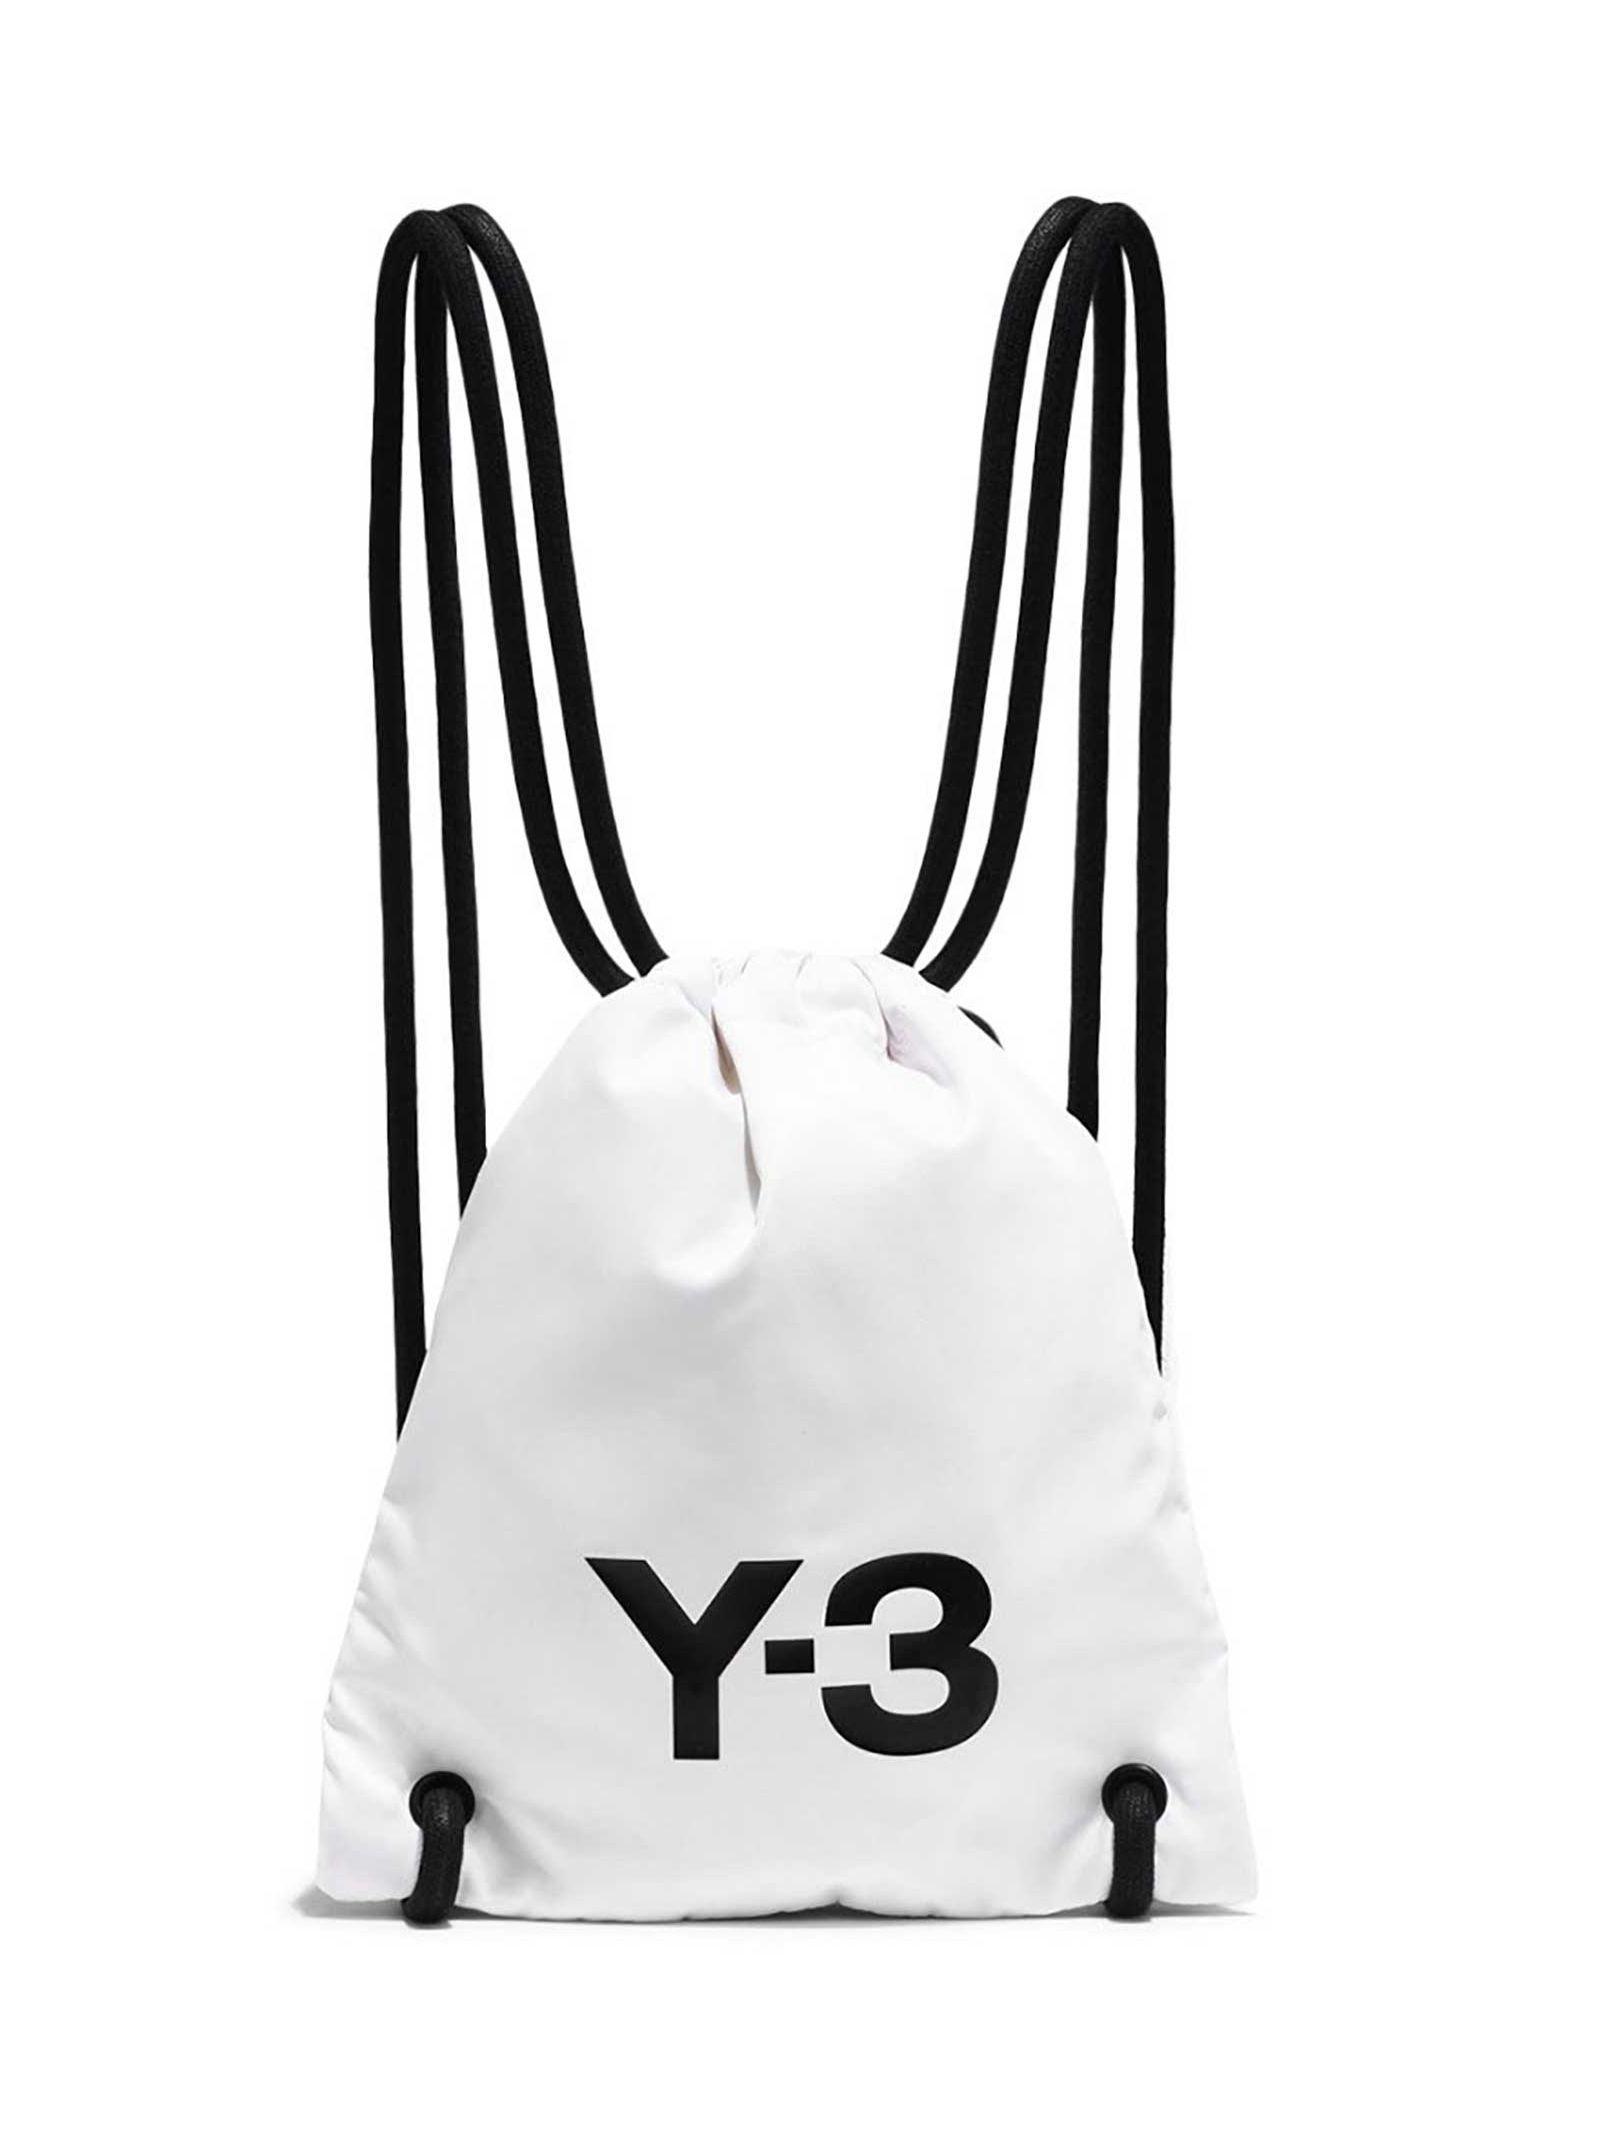 Chaleco Por Aprobación  Y-3 Adidas Logo Print Backpack In Cwhite | ModeSens